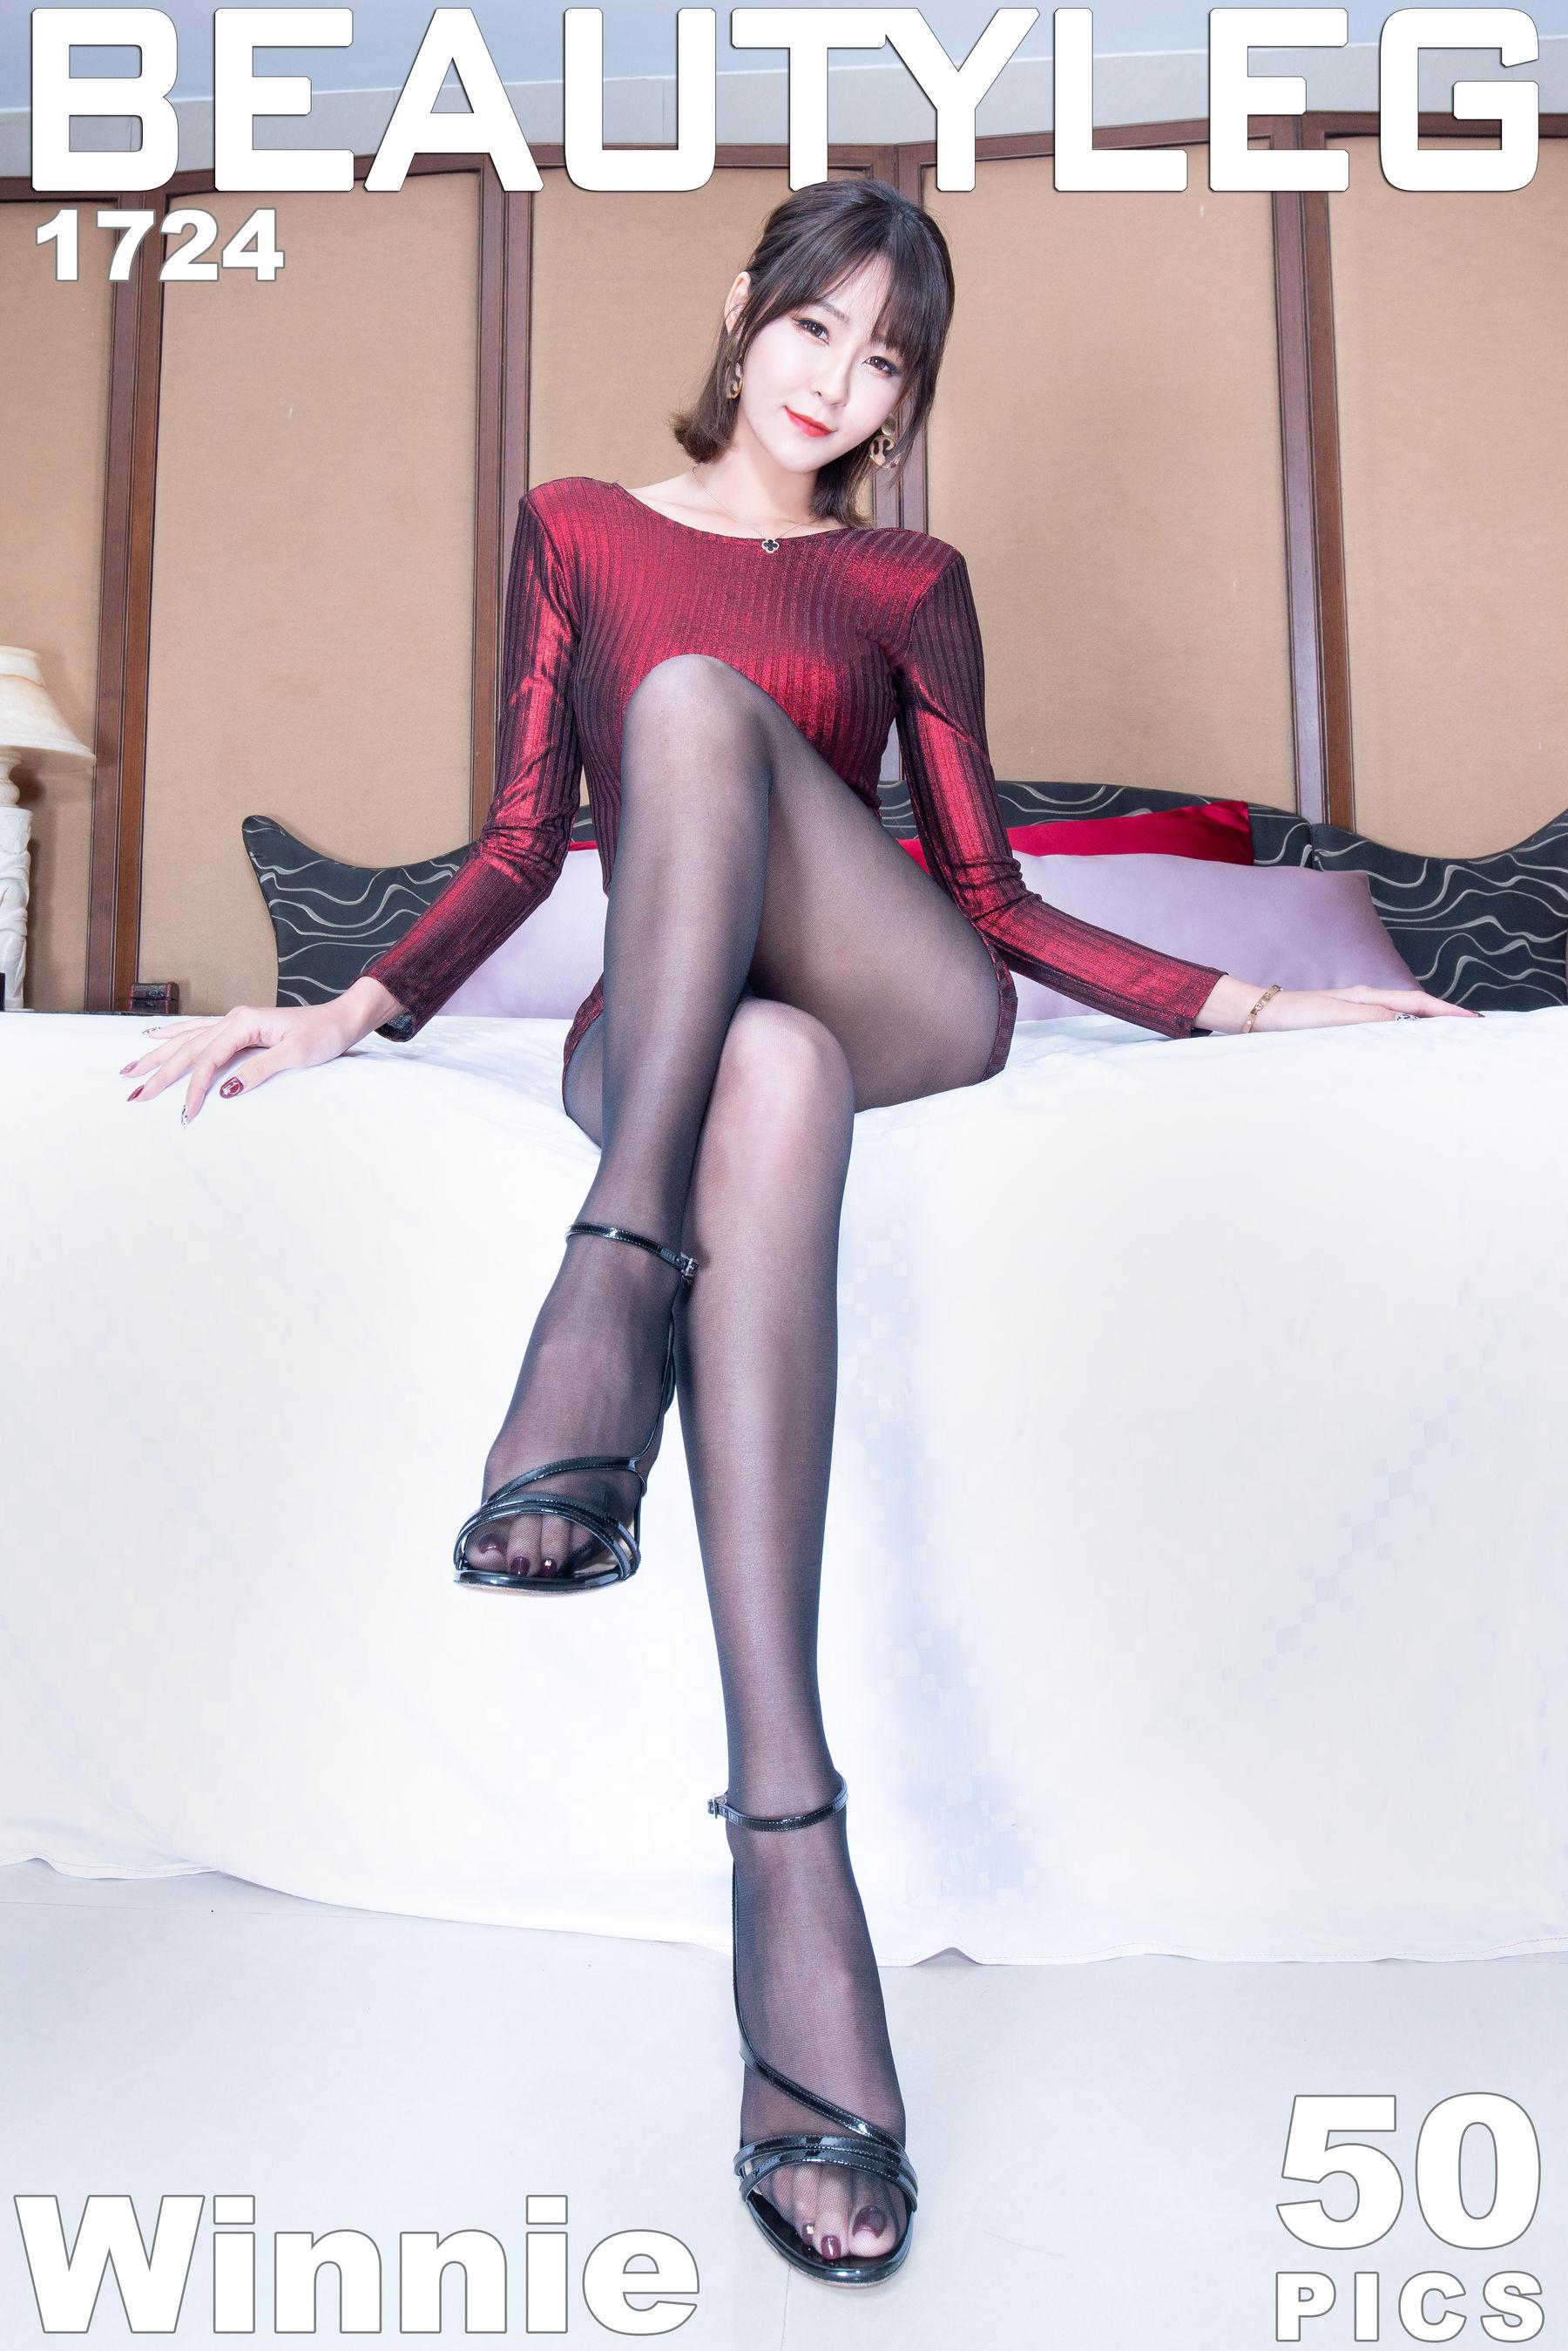 VOL.1847 [Beautyleg]制服丝袜美腿包臀裙美女:Winnie小雪(庄咏惠,庄温妮,腿模Winnie)超高清个人性感漂亮大图(45P)